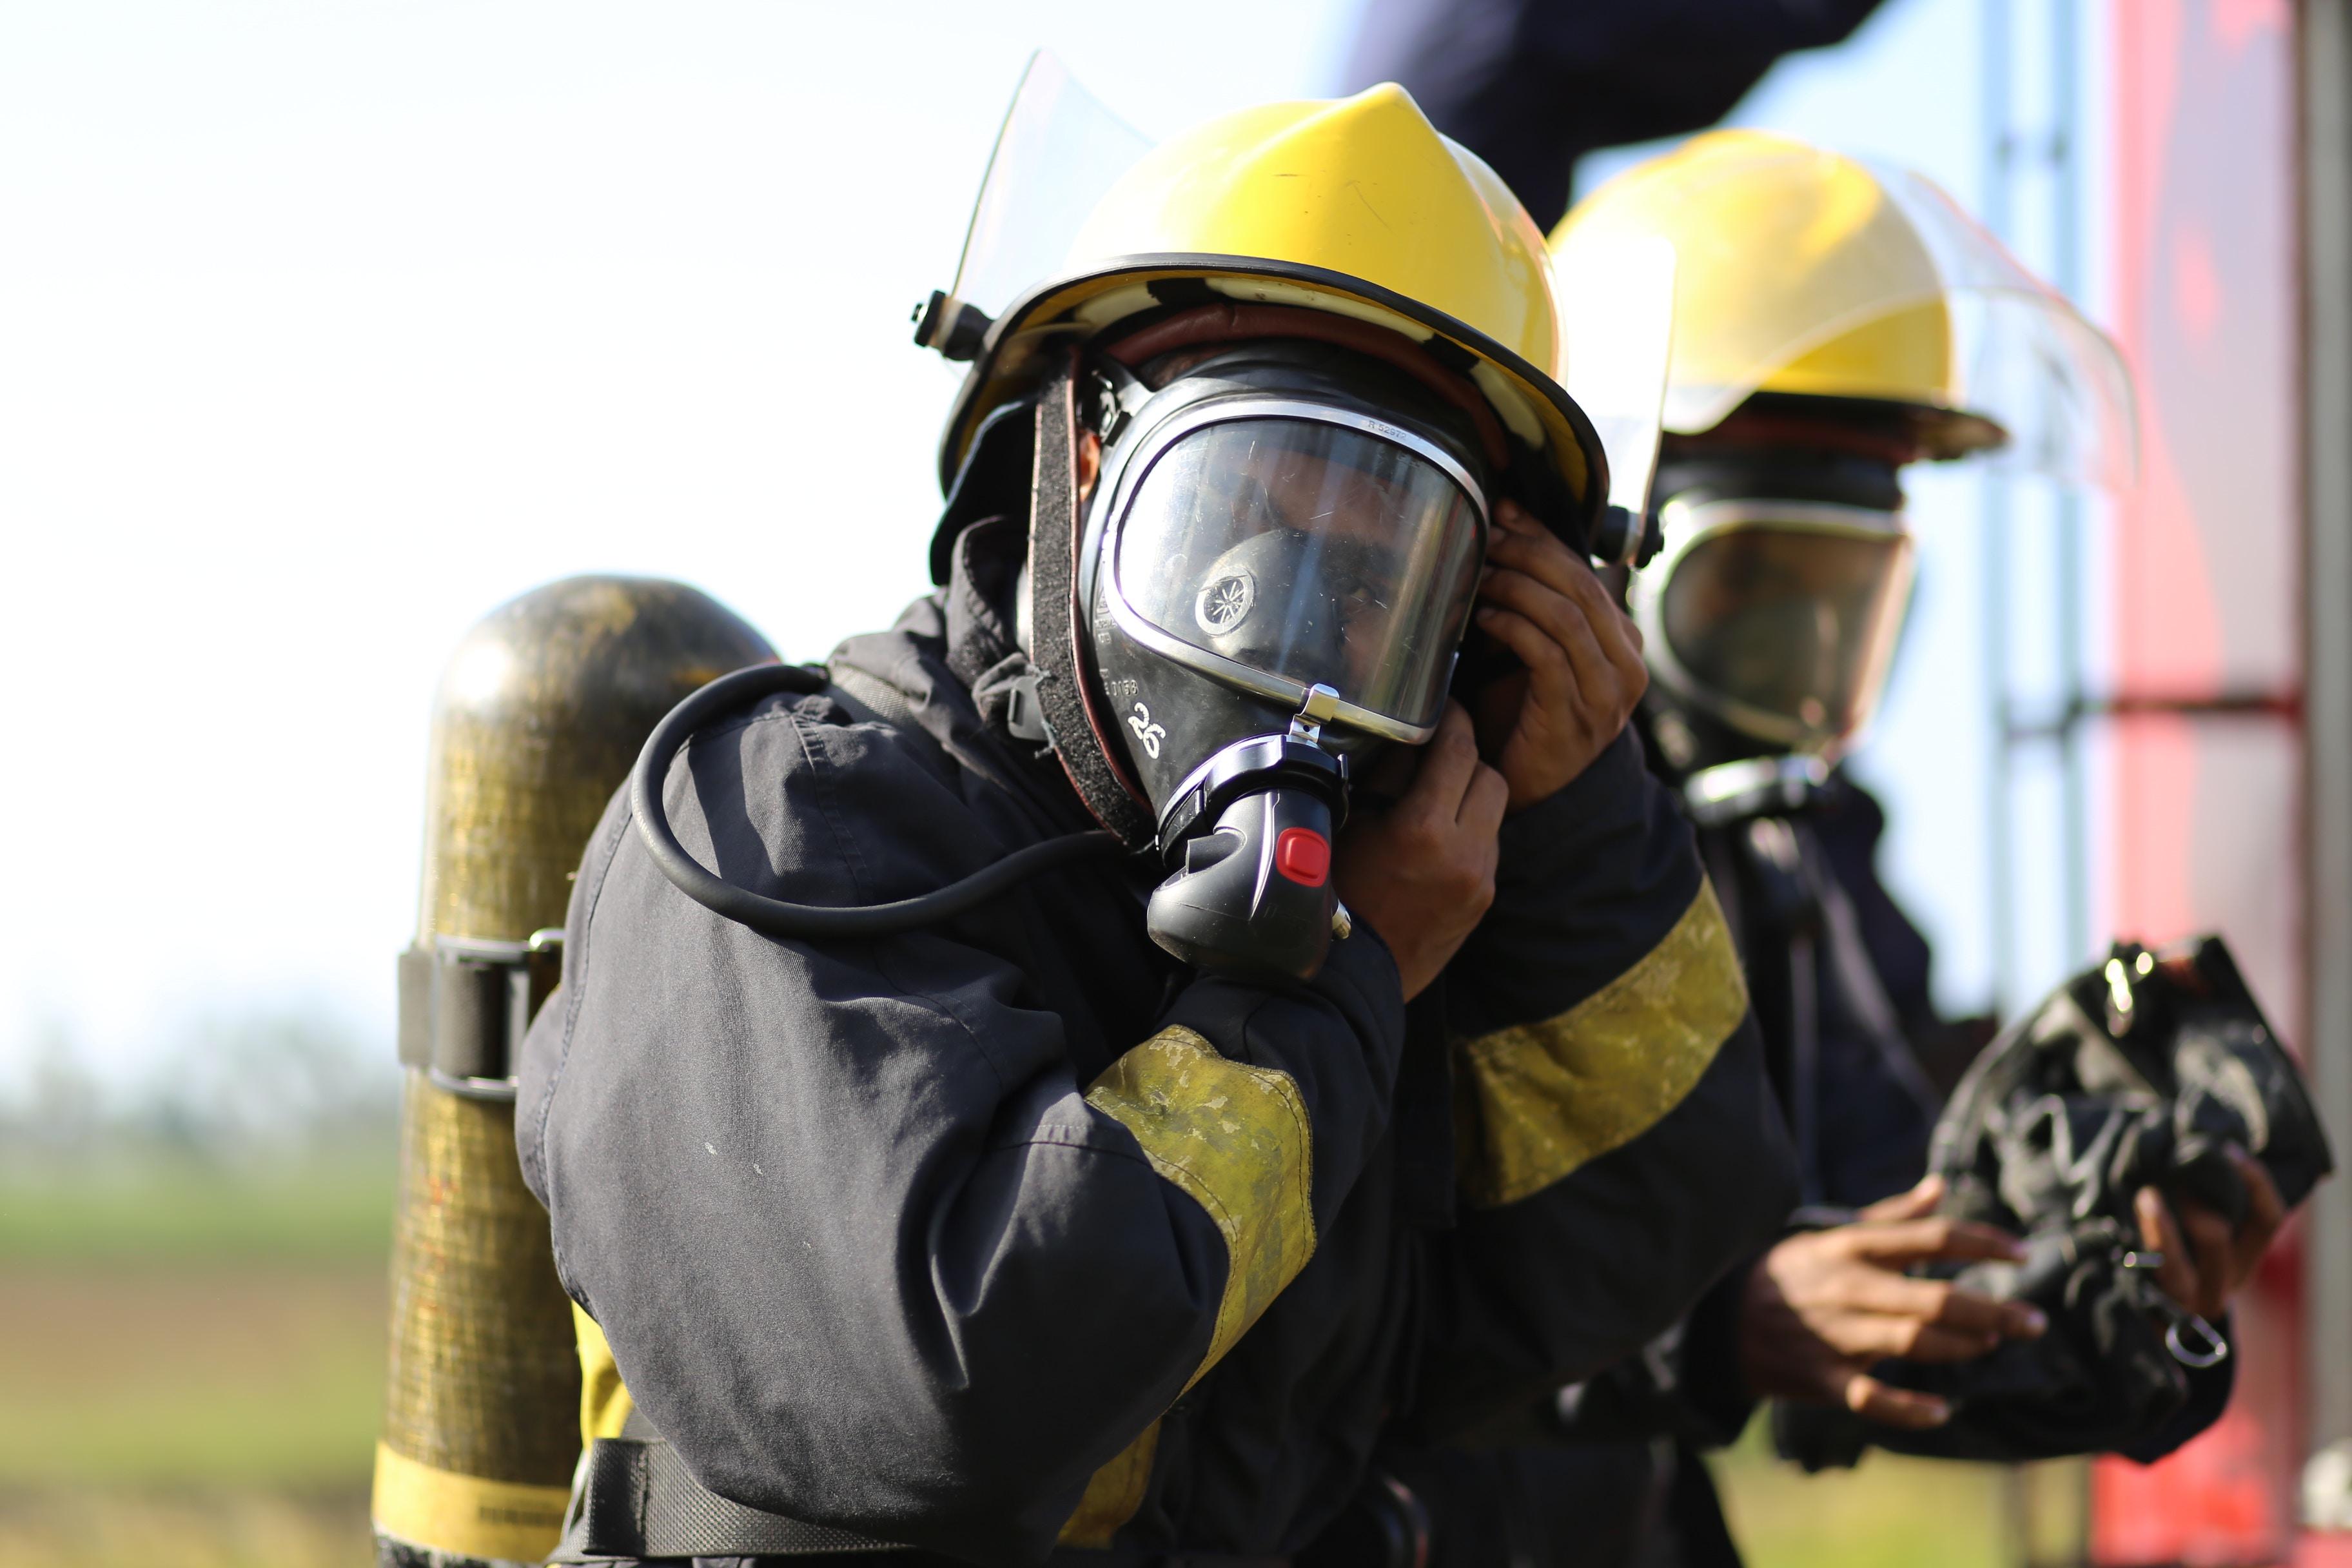 Officier d'opération en sécurité incendie